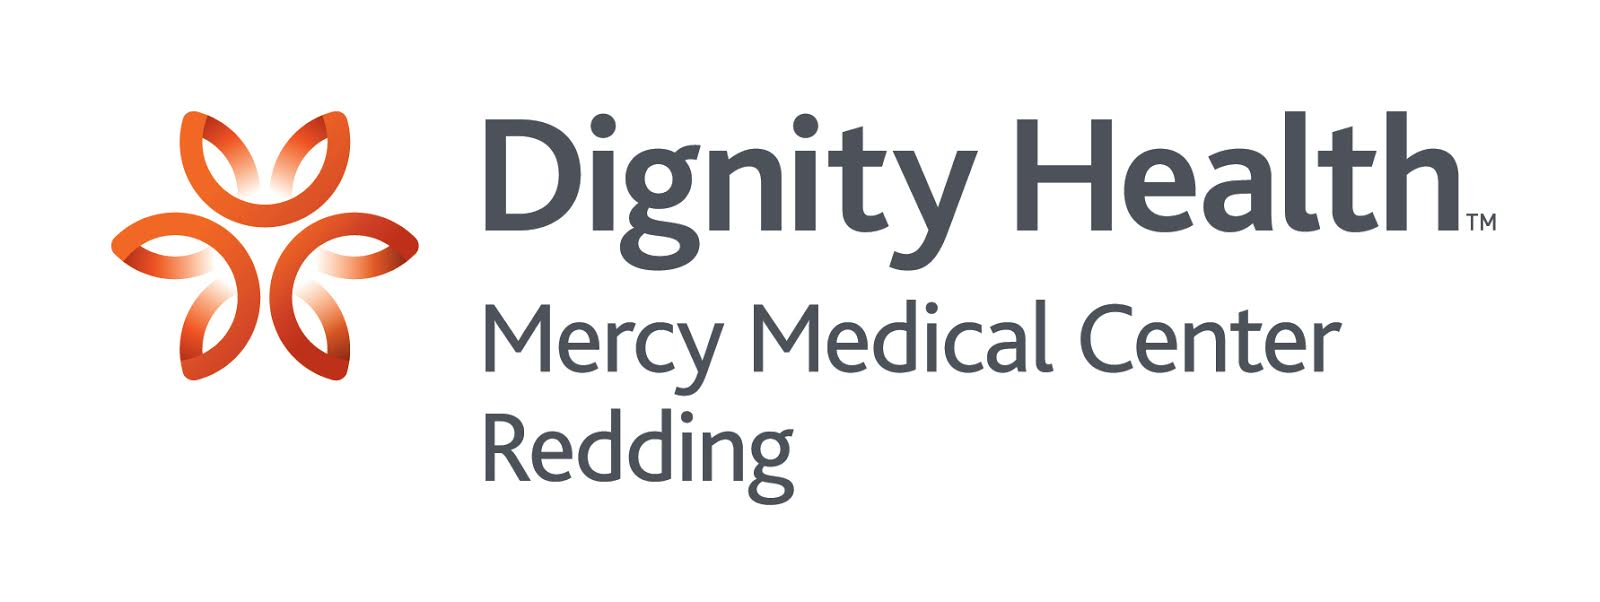 MercyMed